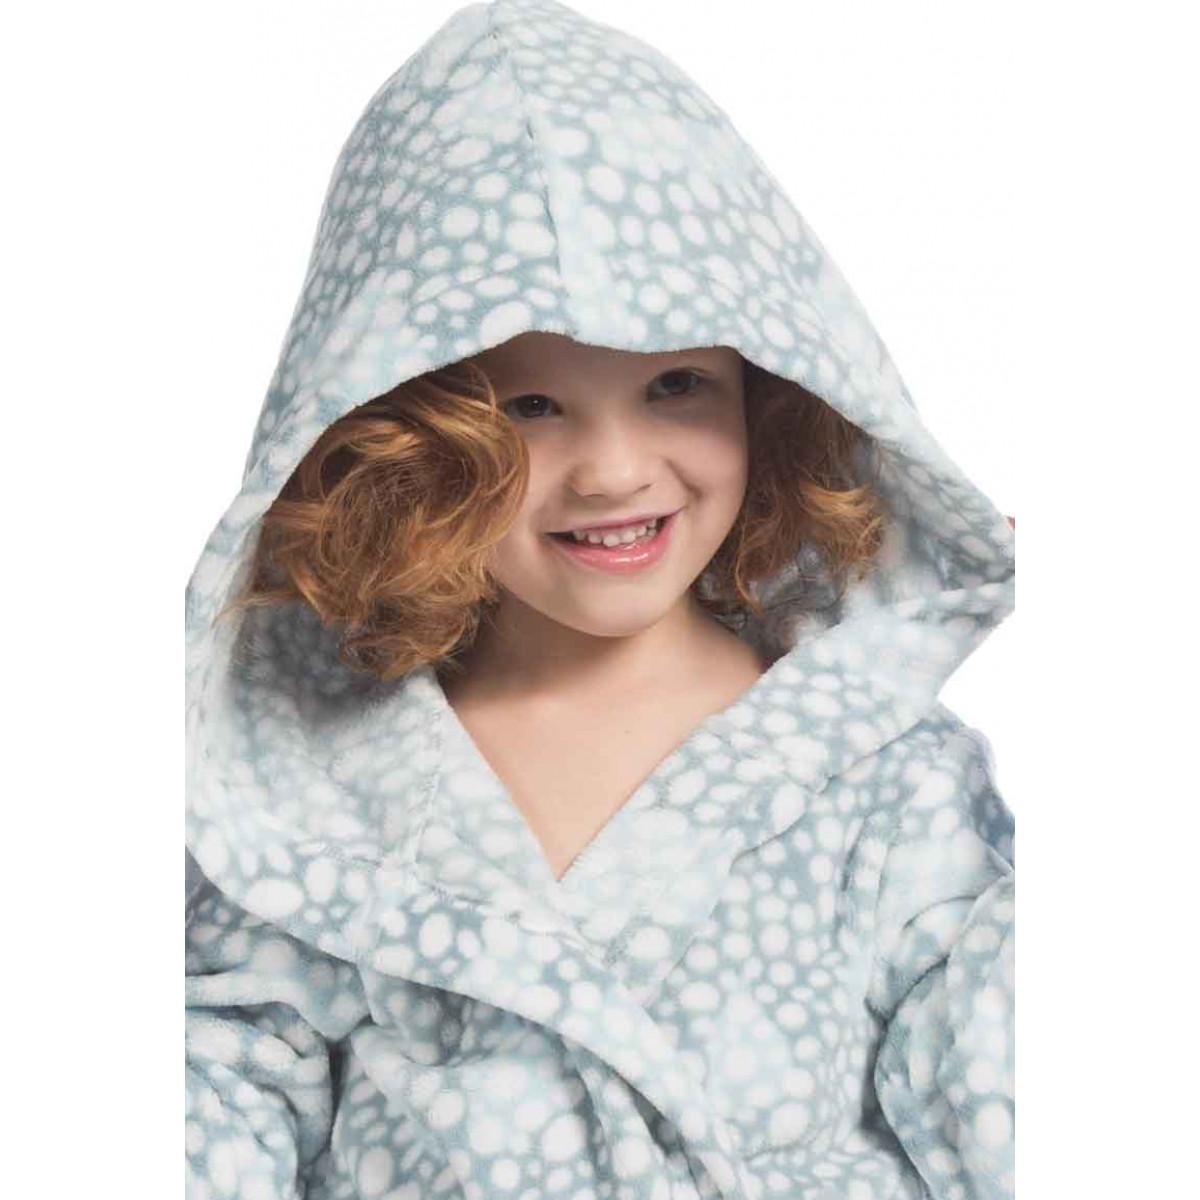 kinderbadjassen van Eskimo